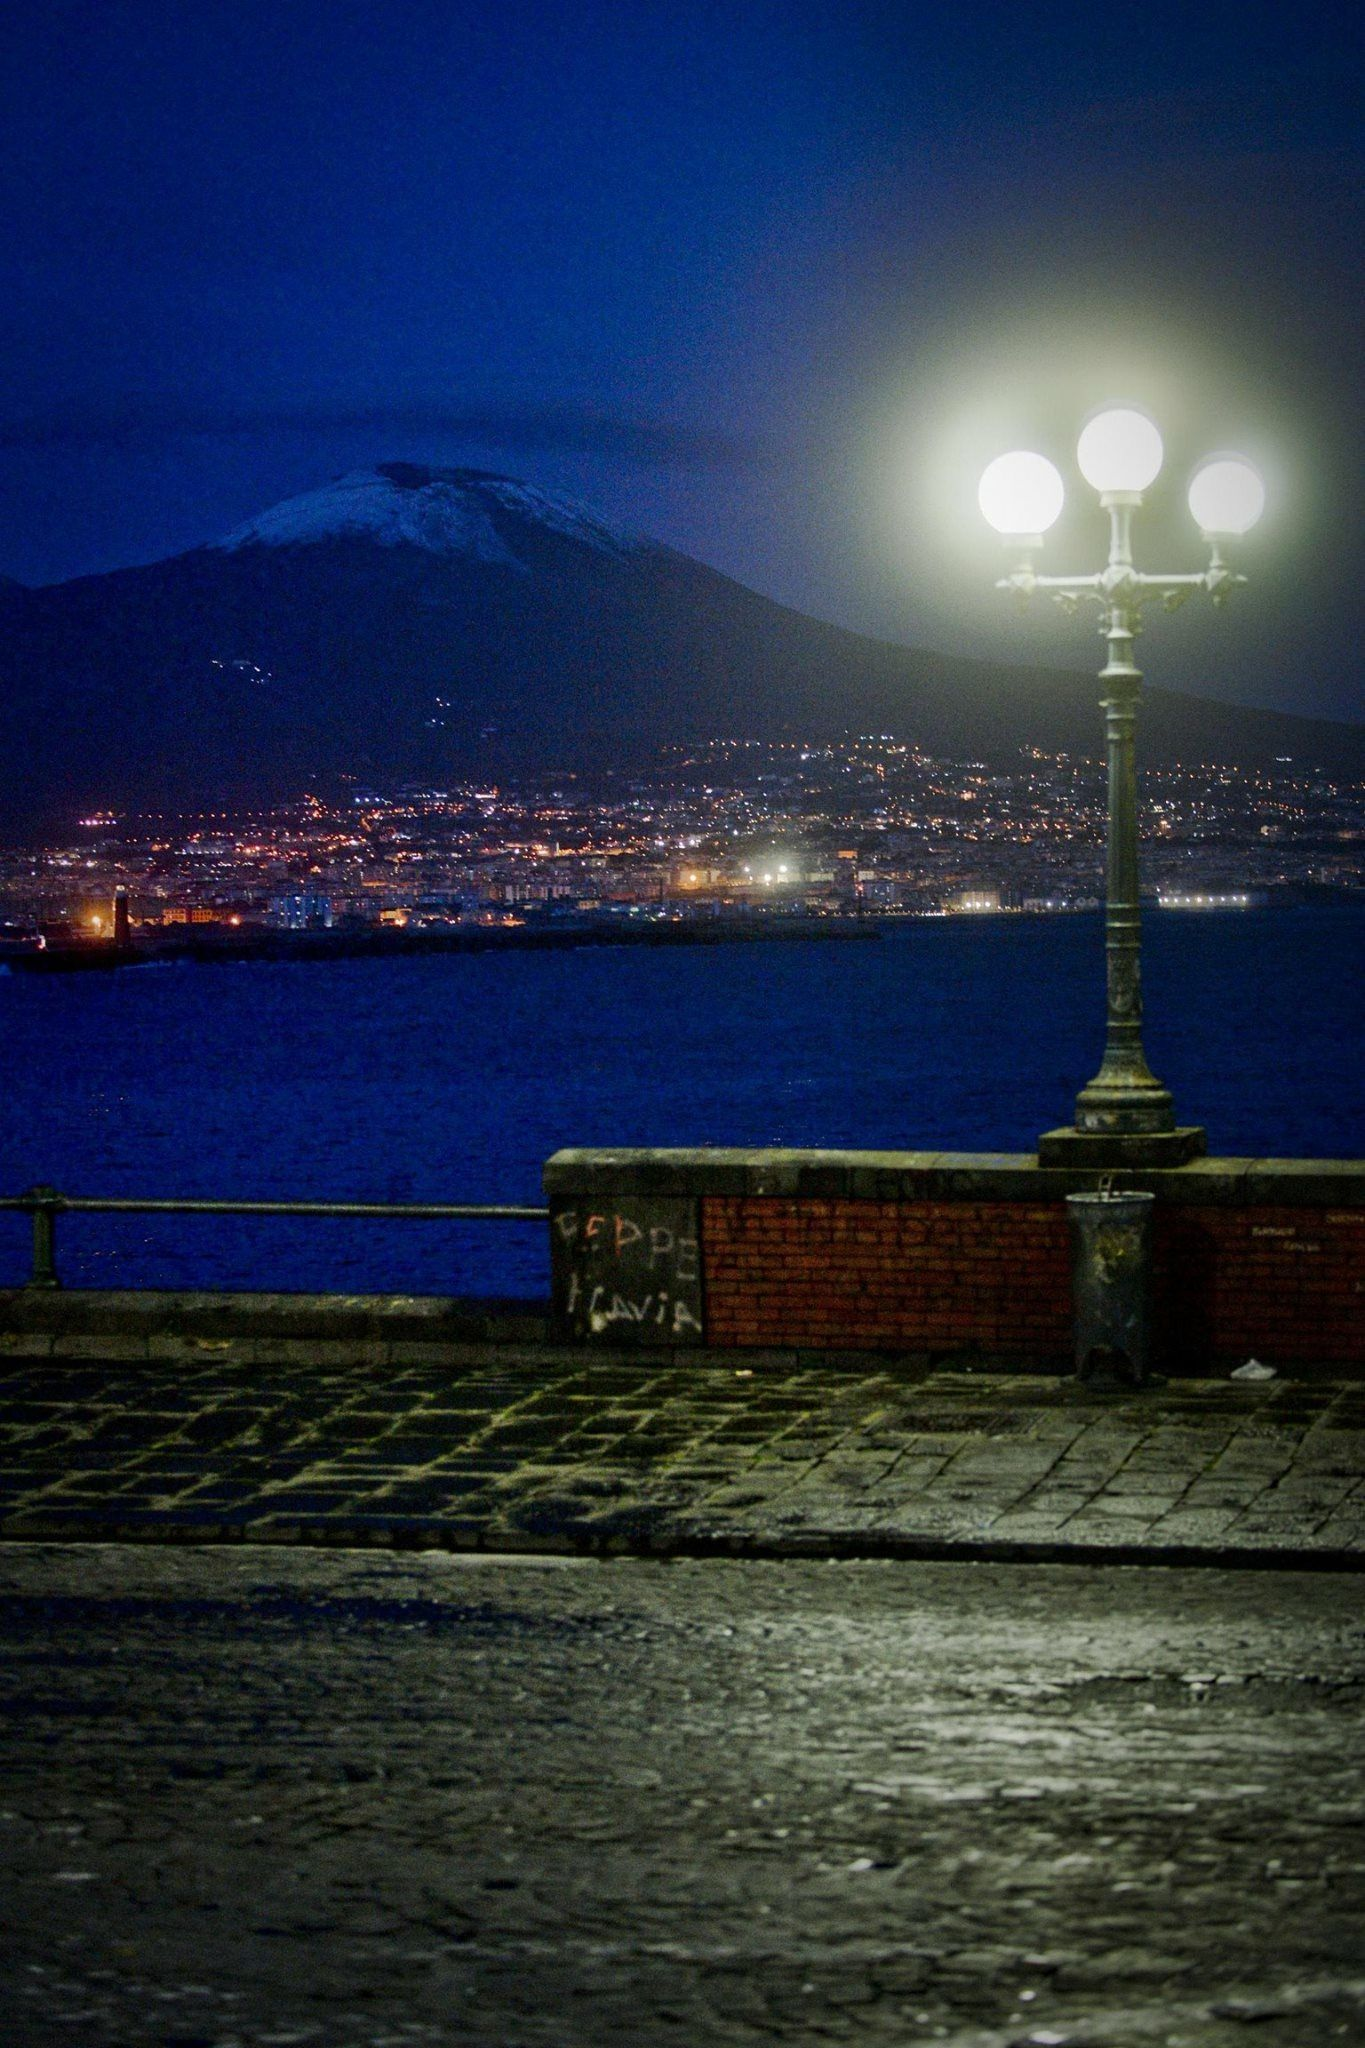 Di Notte Napoli Paesaggi Citta